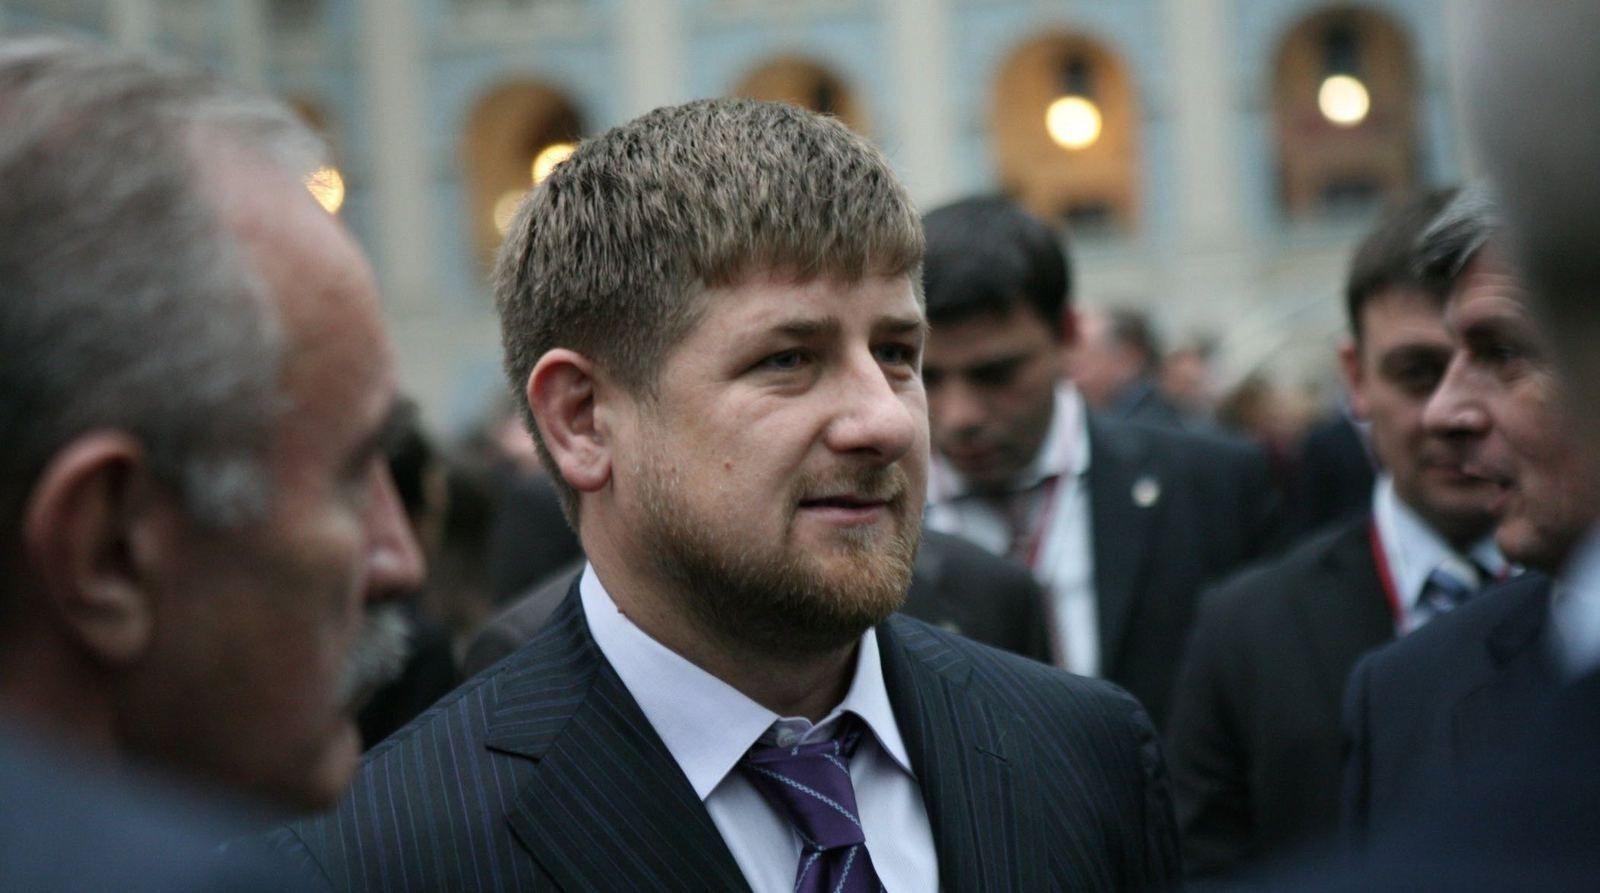 Чечений удирдагч Рамзан Кадыров коронавирусийн халдвар авч, Москвагийн эмнэлэгт хүргэгдсэн тухай мэдээлжээ